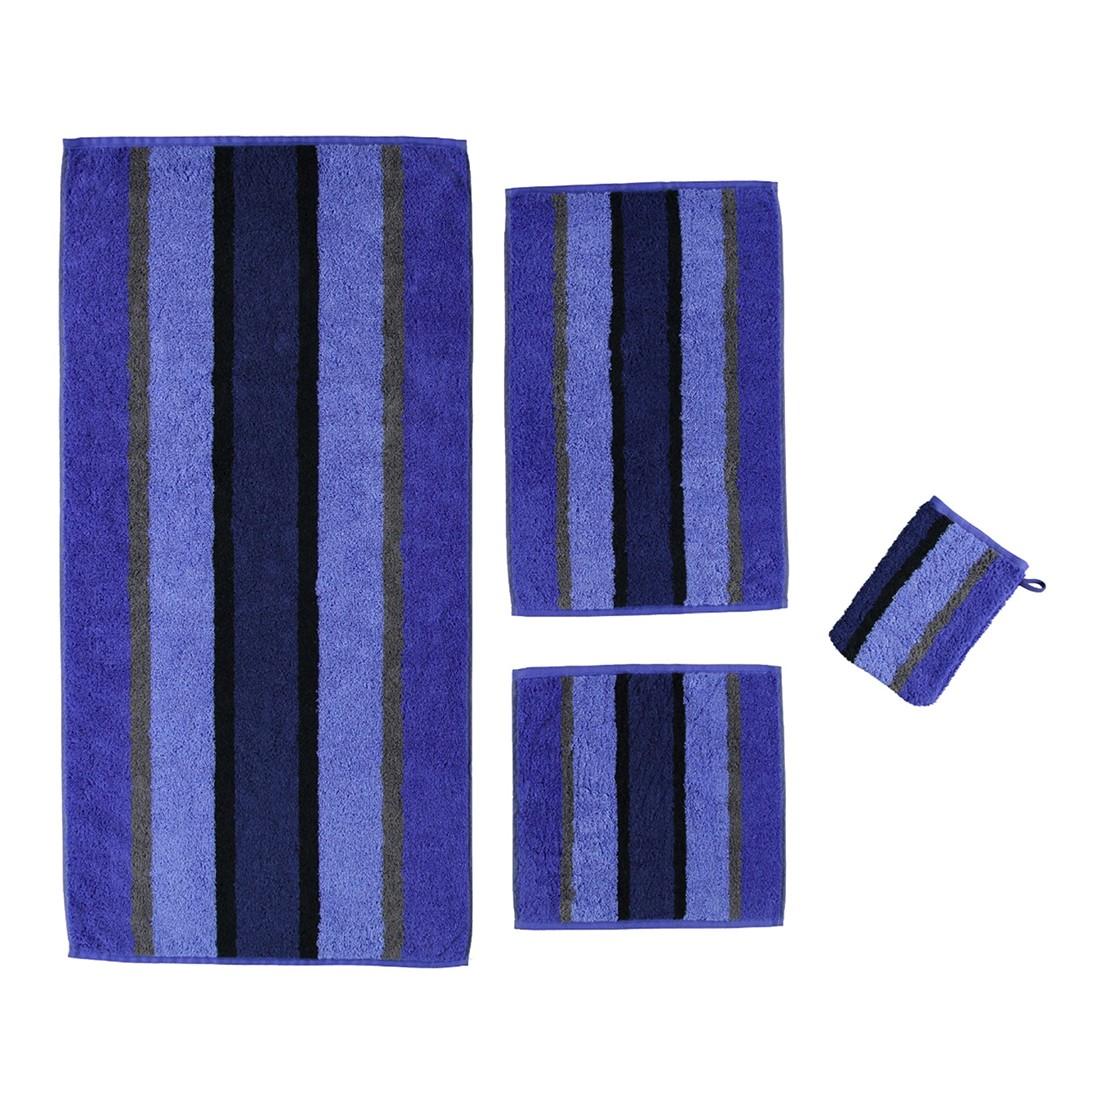 Handtuch Karat – 100% Baumwolle saphir-Blau – 11 – Handtuch: 50 x 100 cm, Cawö jetzt bestellen